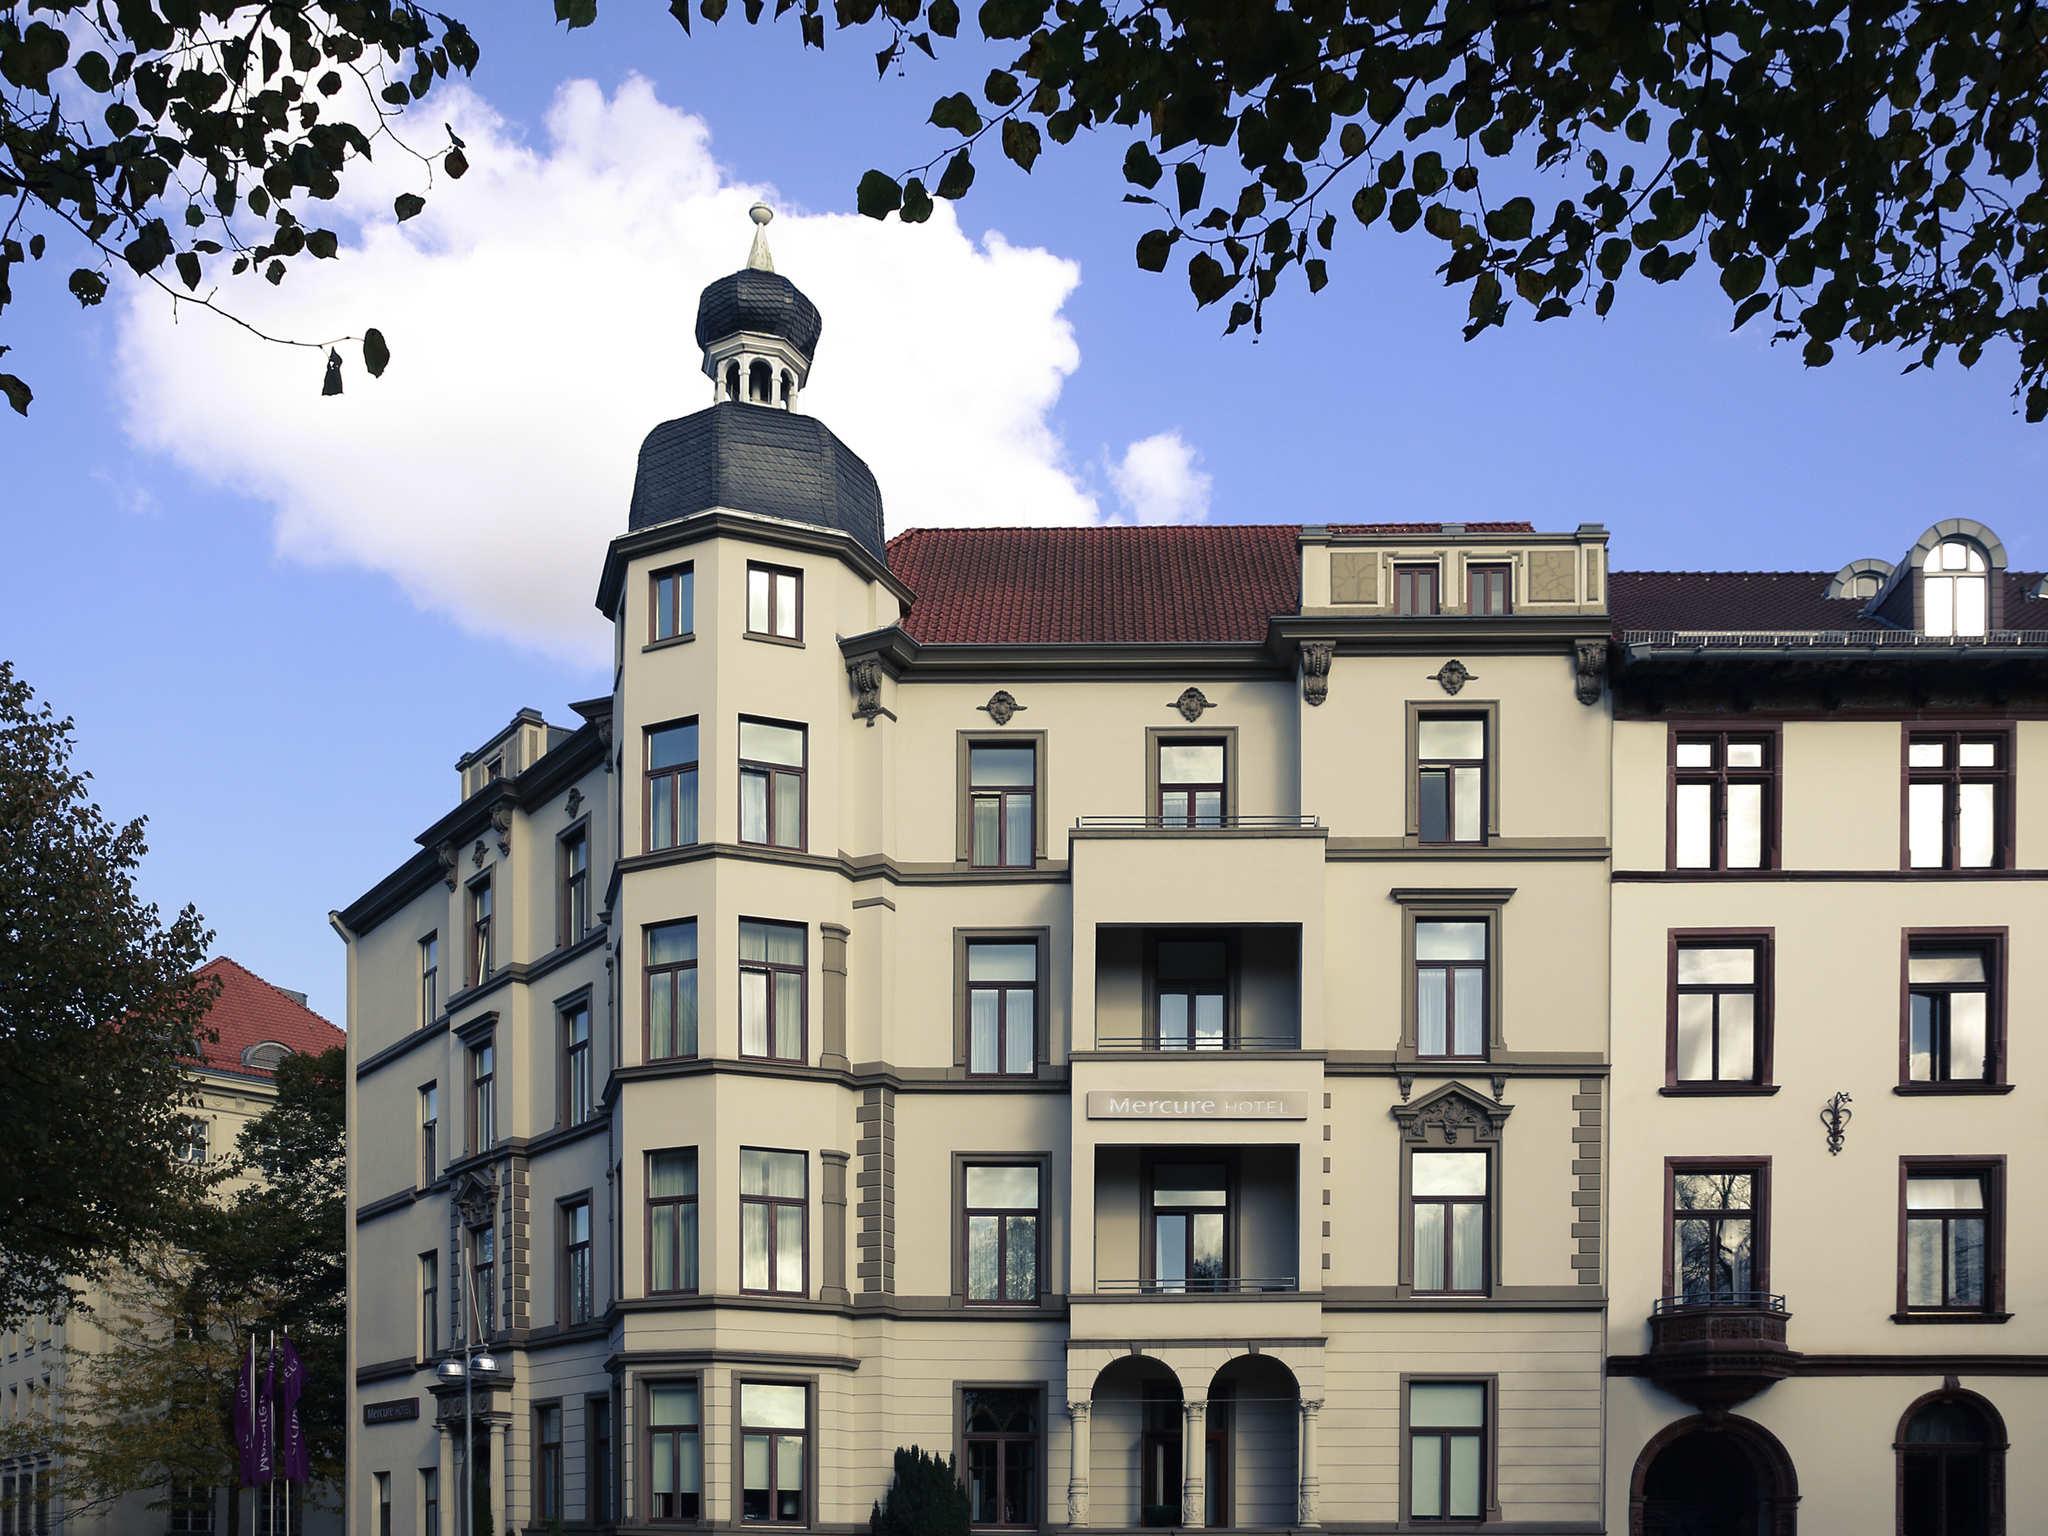 ホテル – メルキュールホテルハノーファーシティ